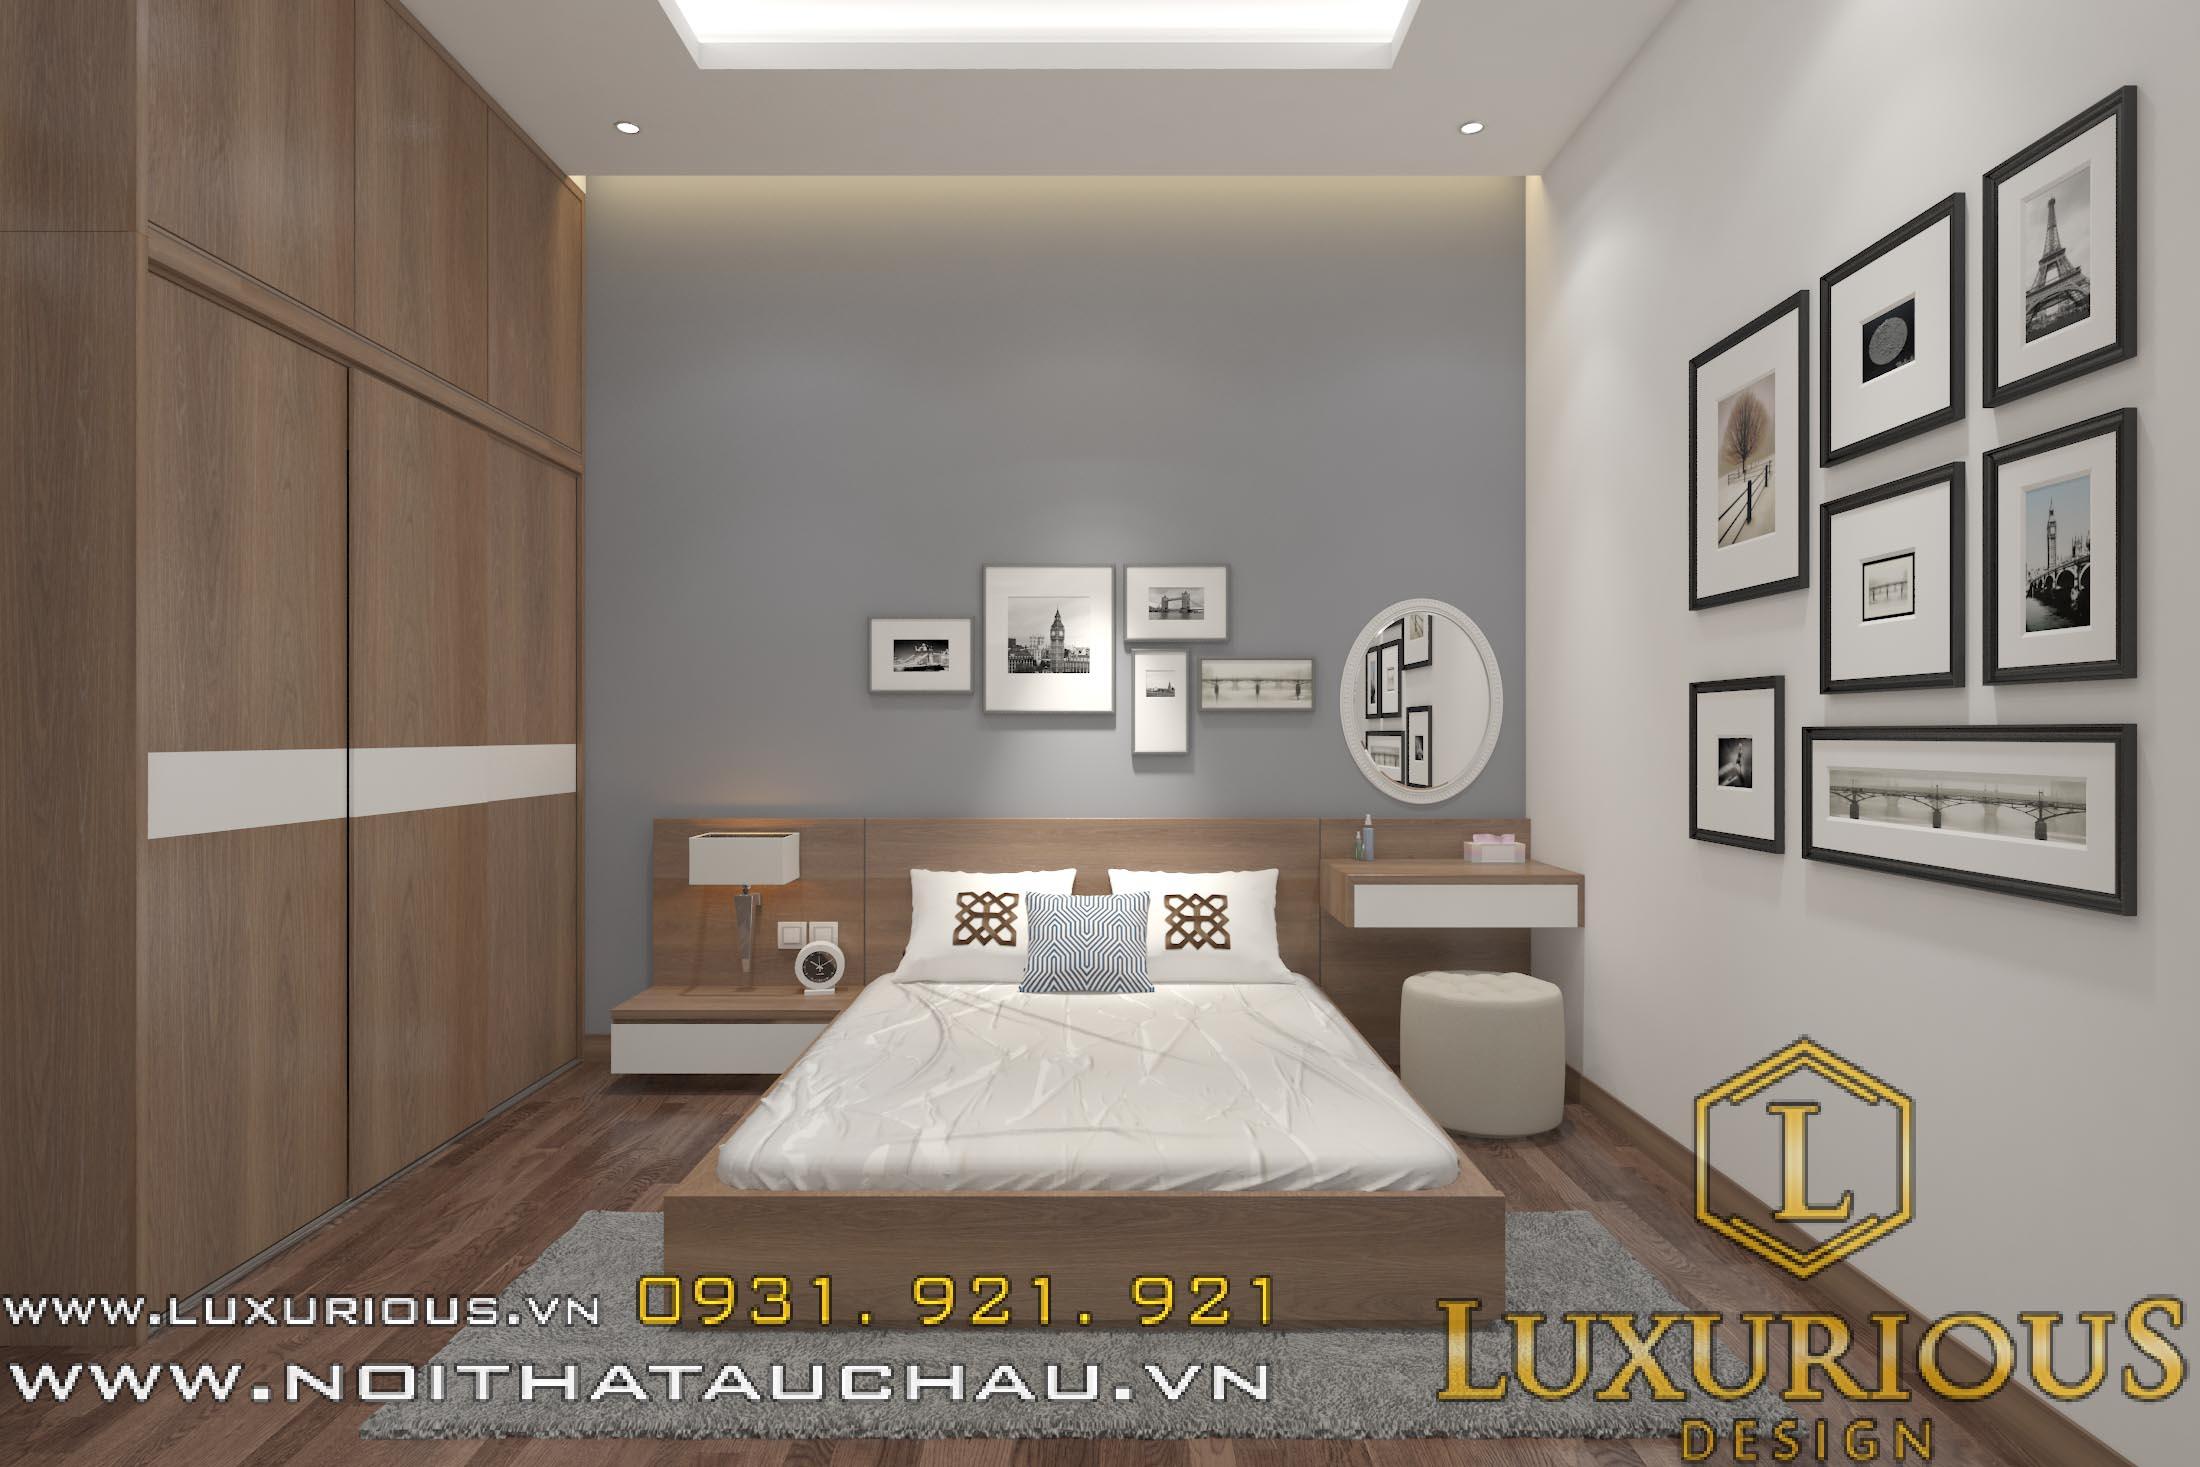 Mẫu thiết kế nội thất phòng ngủ cho bố mẹ